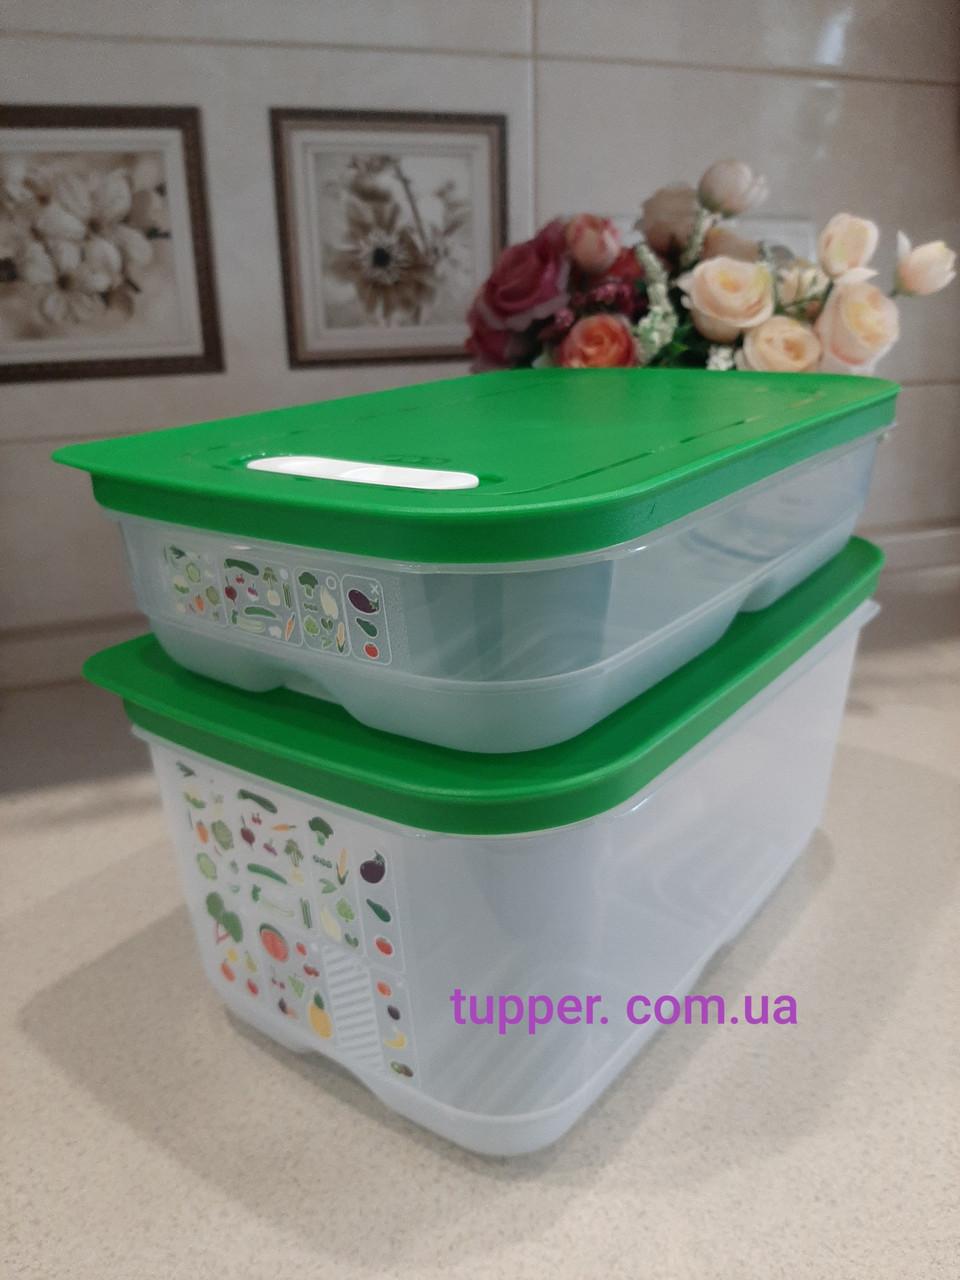 Tupperware набор умных холодильников 1.8л и 4.4л